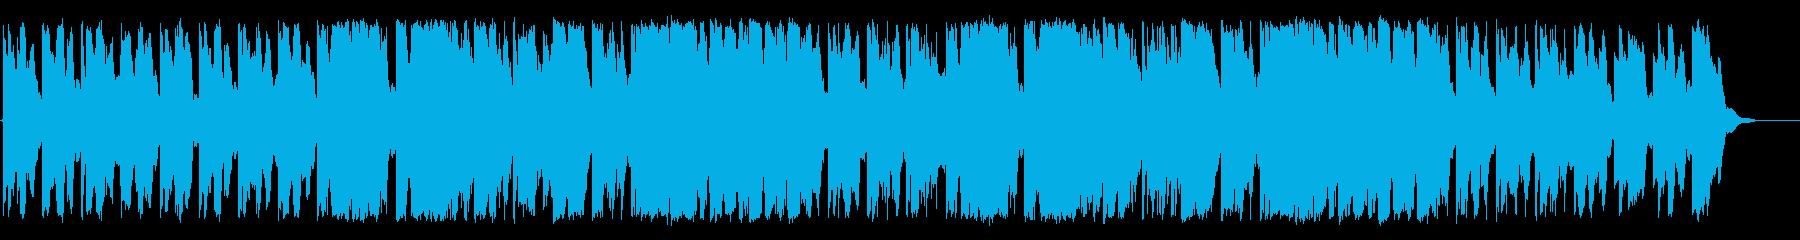 ふんわりとしたリラクゼーションBGMの再生済みの波形